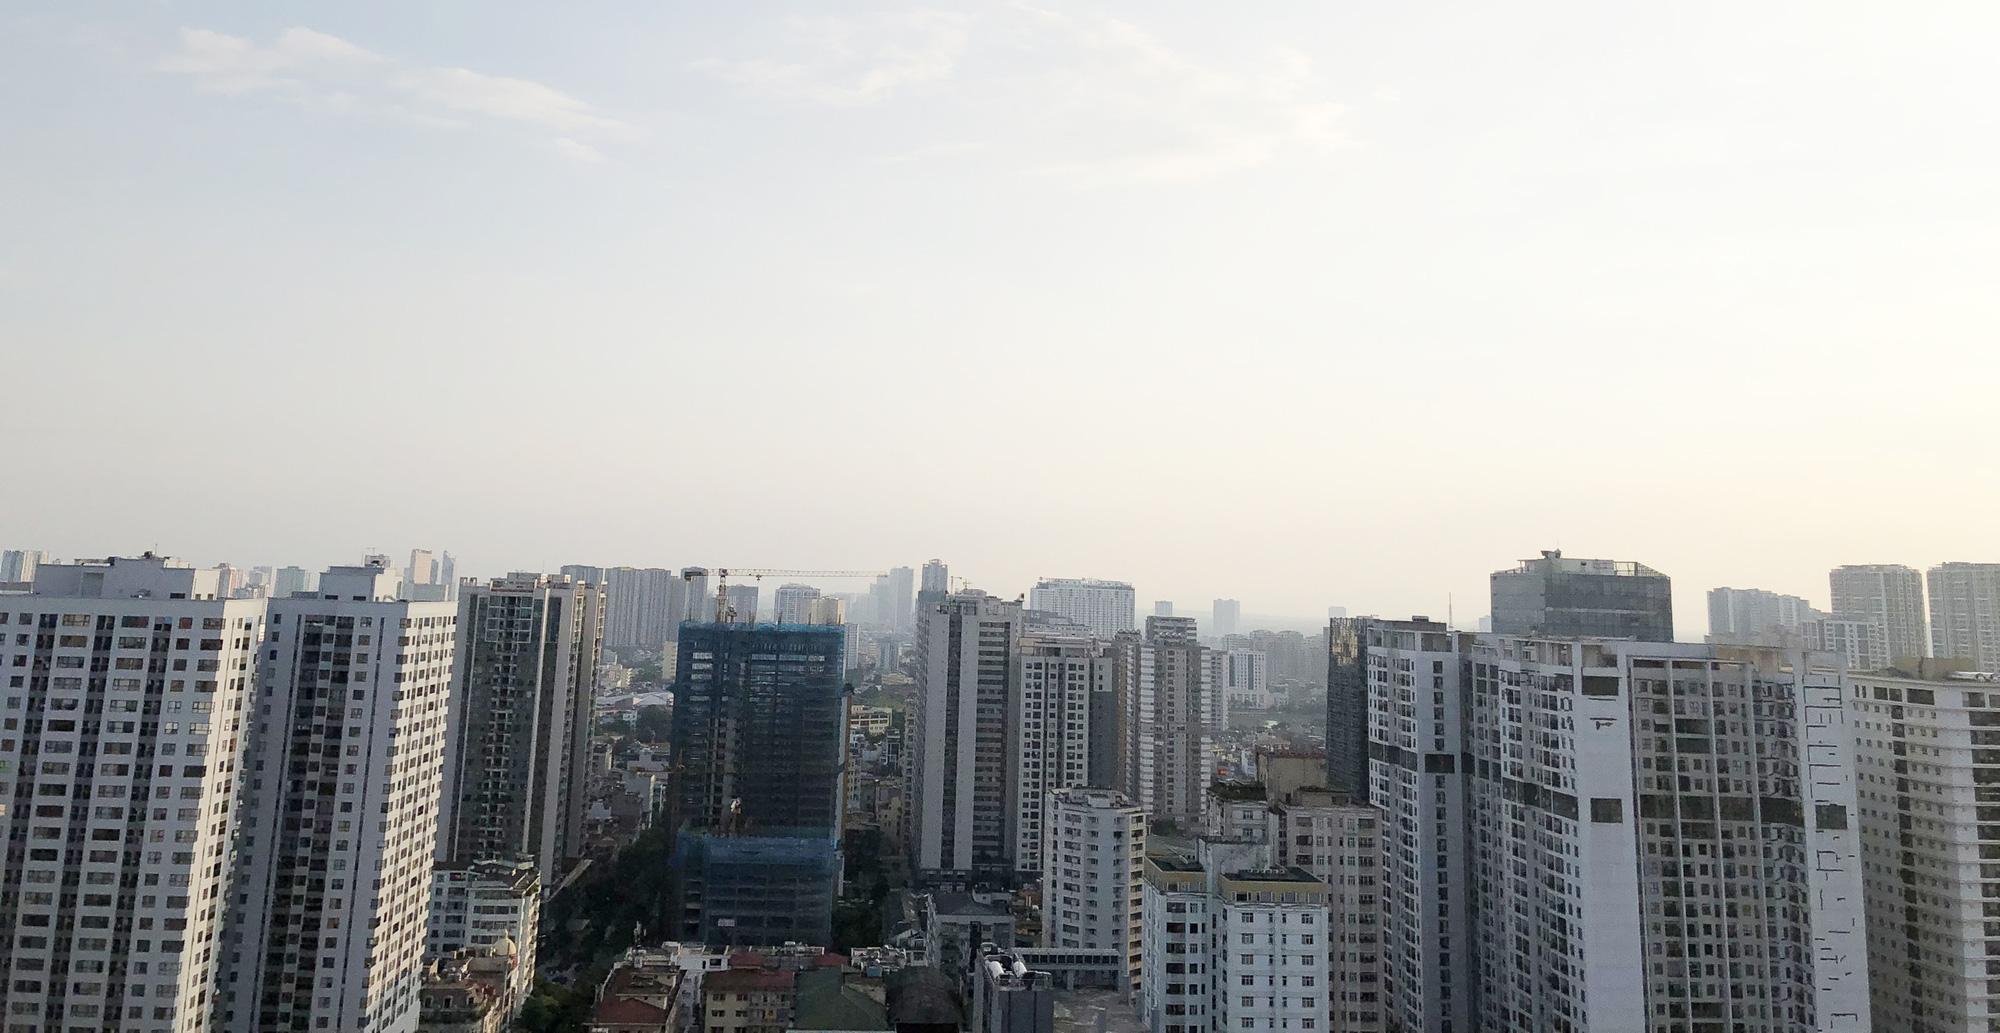 Sau khi dịch bệnh được kiểm soát, bất động sản nào sẽ 'hot' trở lại? - Ảnh 1.